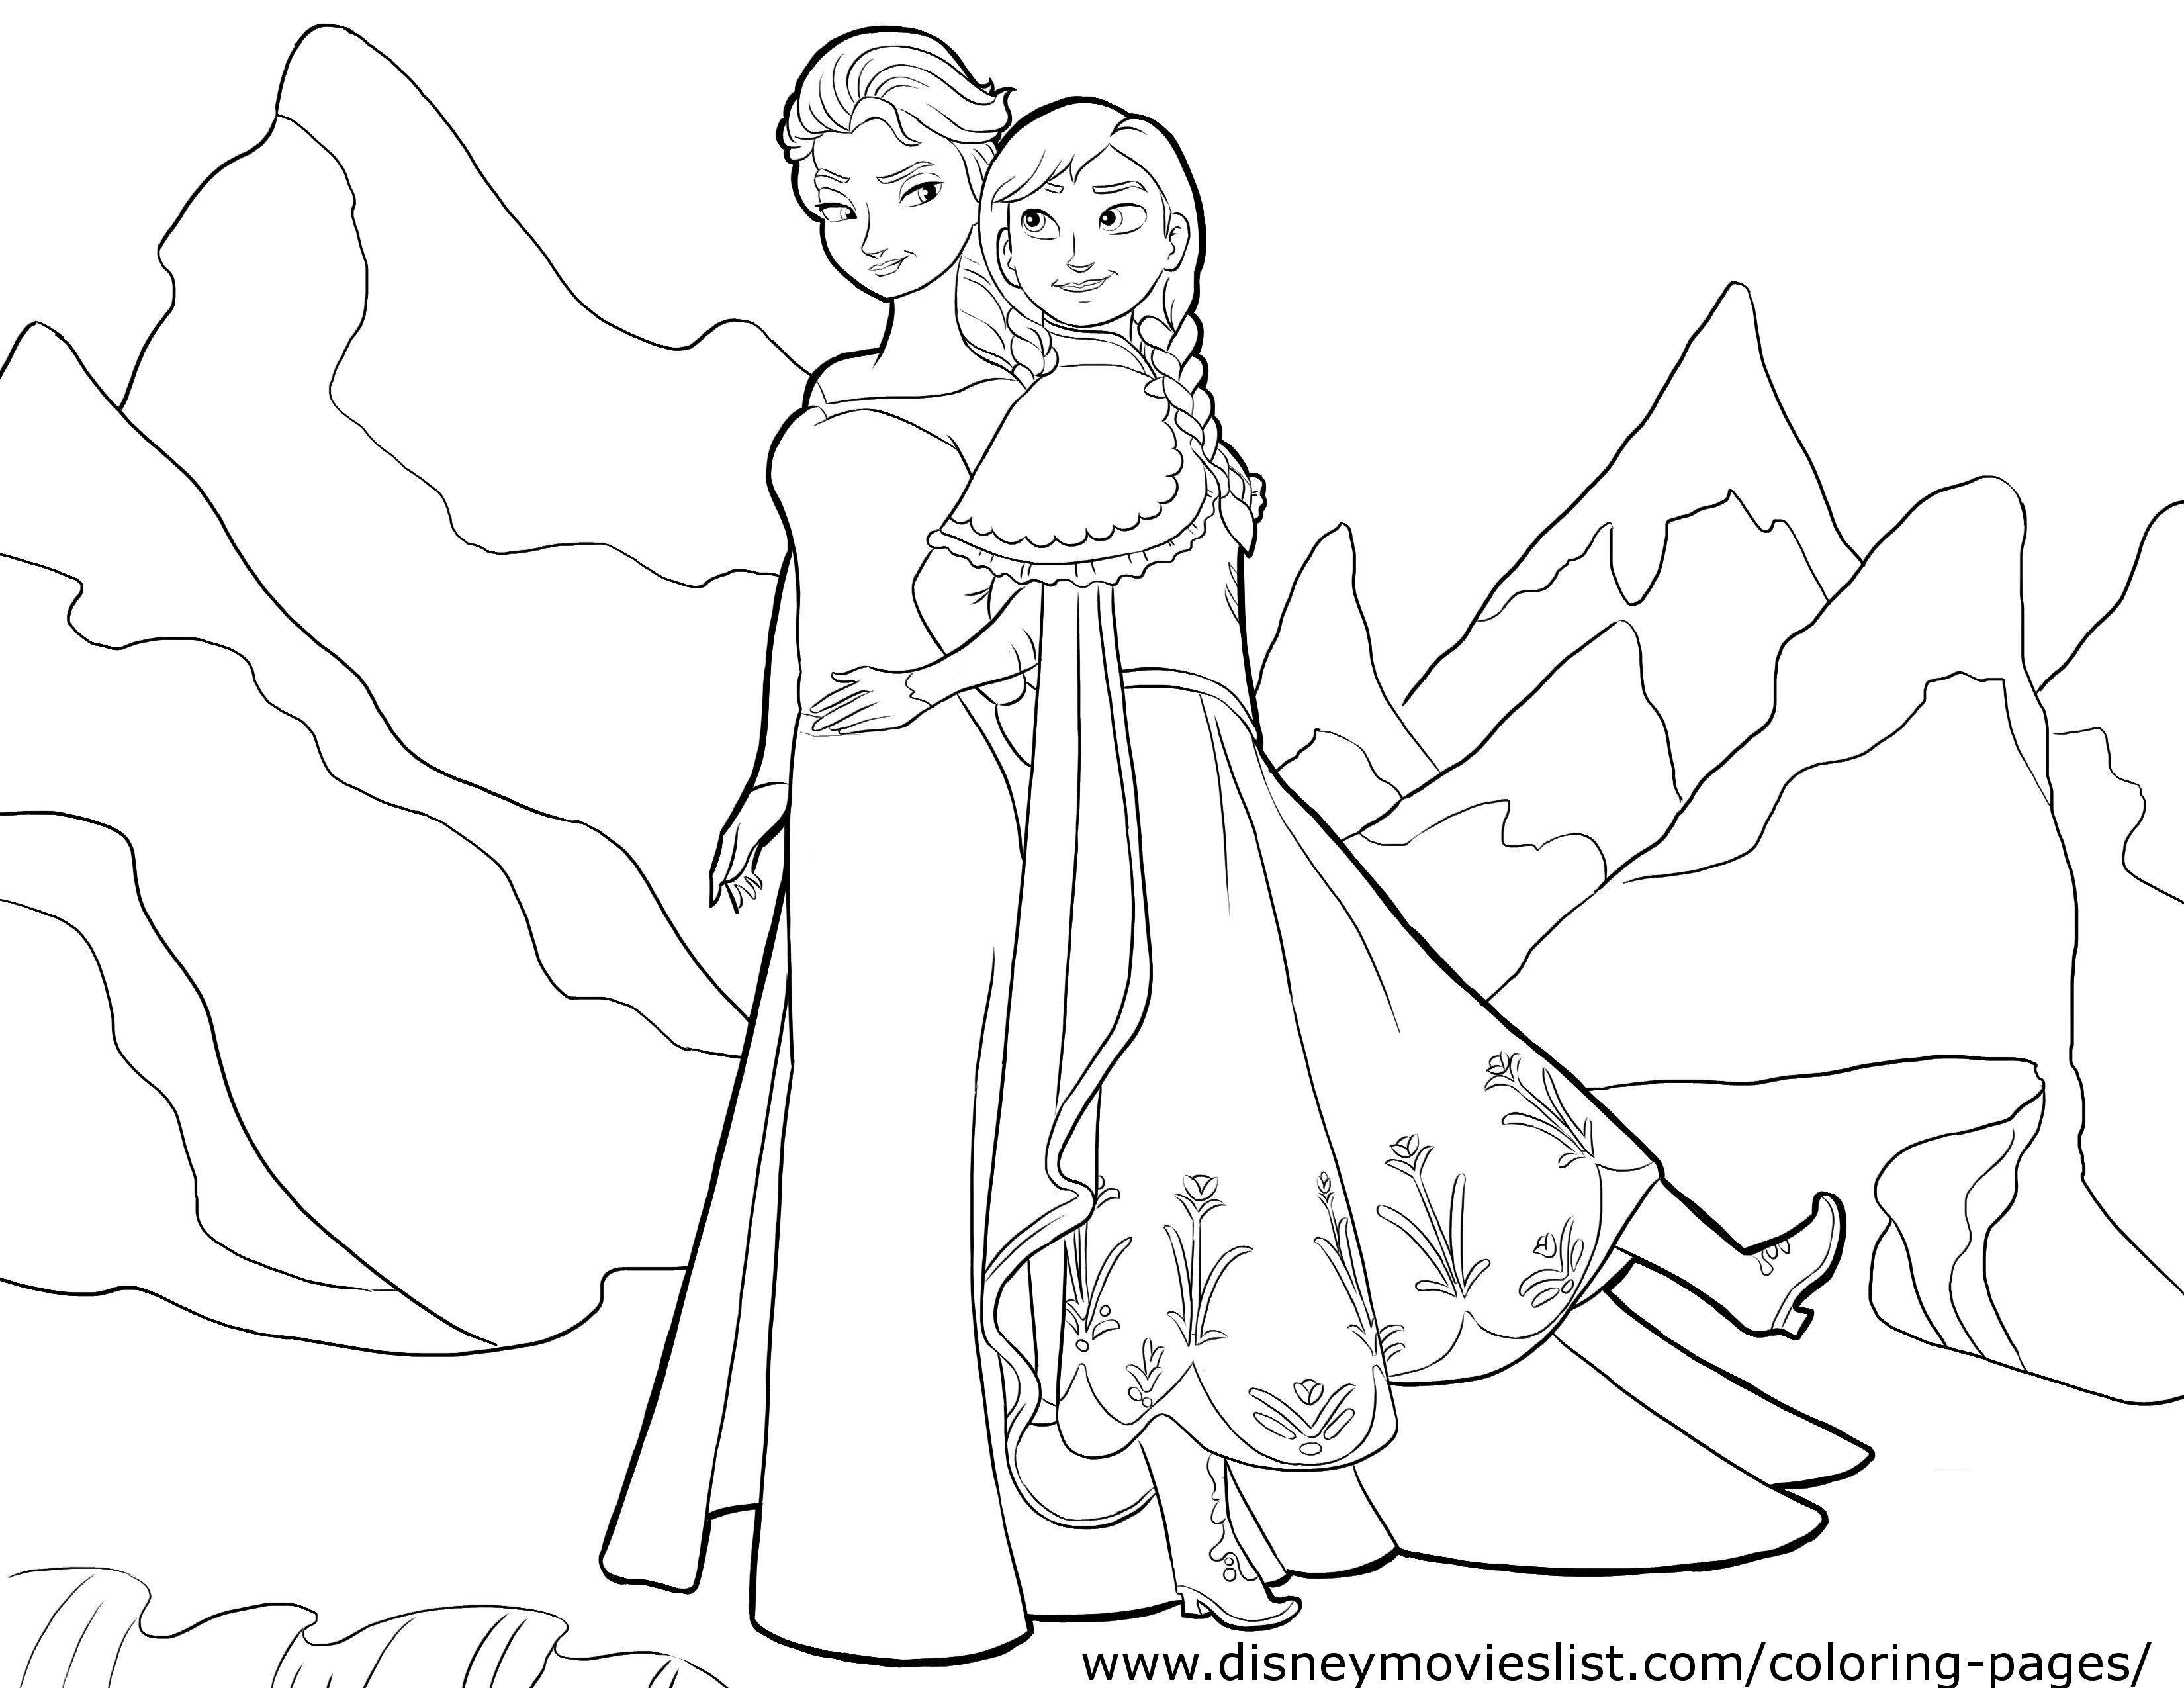 Annaelsacoloringpage Jpg 3300 2550 Frozen Coloring Frozen Coloring Pages Disney Coloring Pages